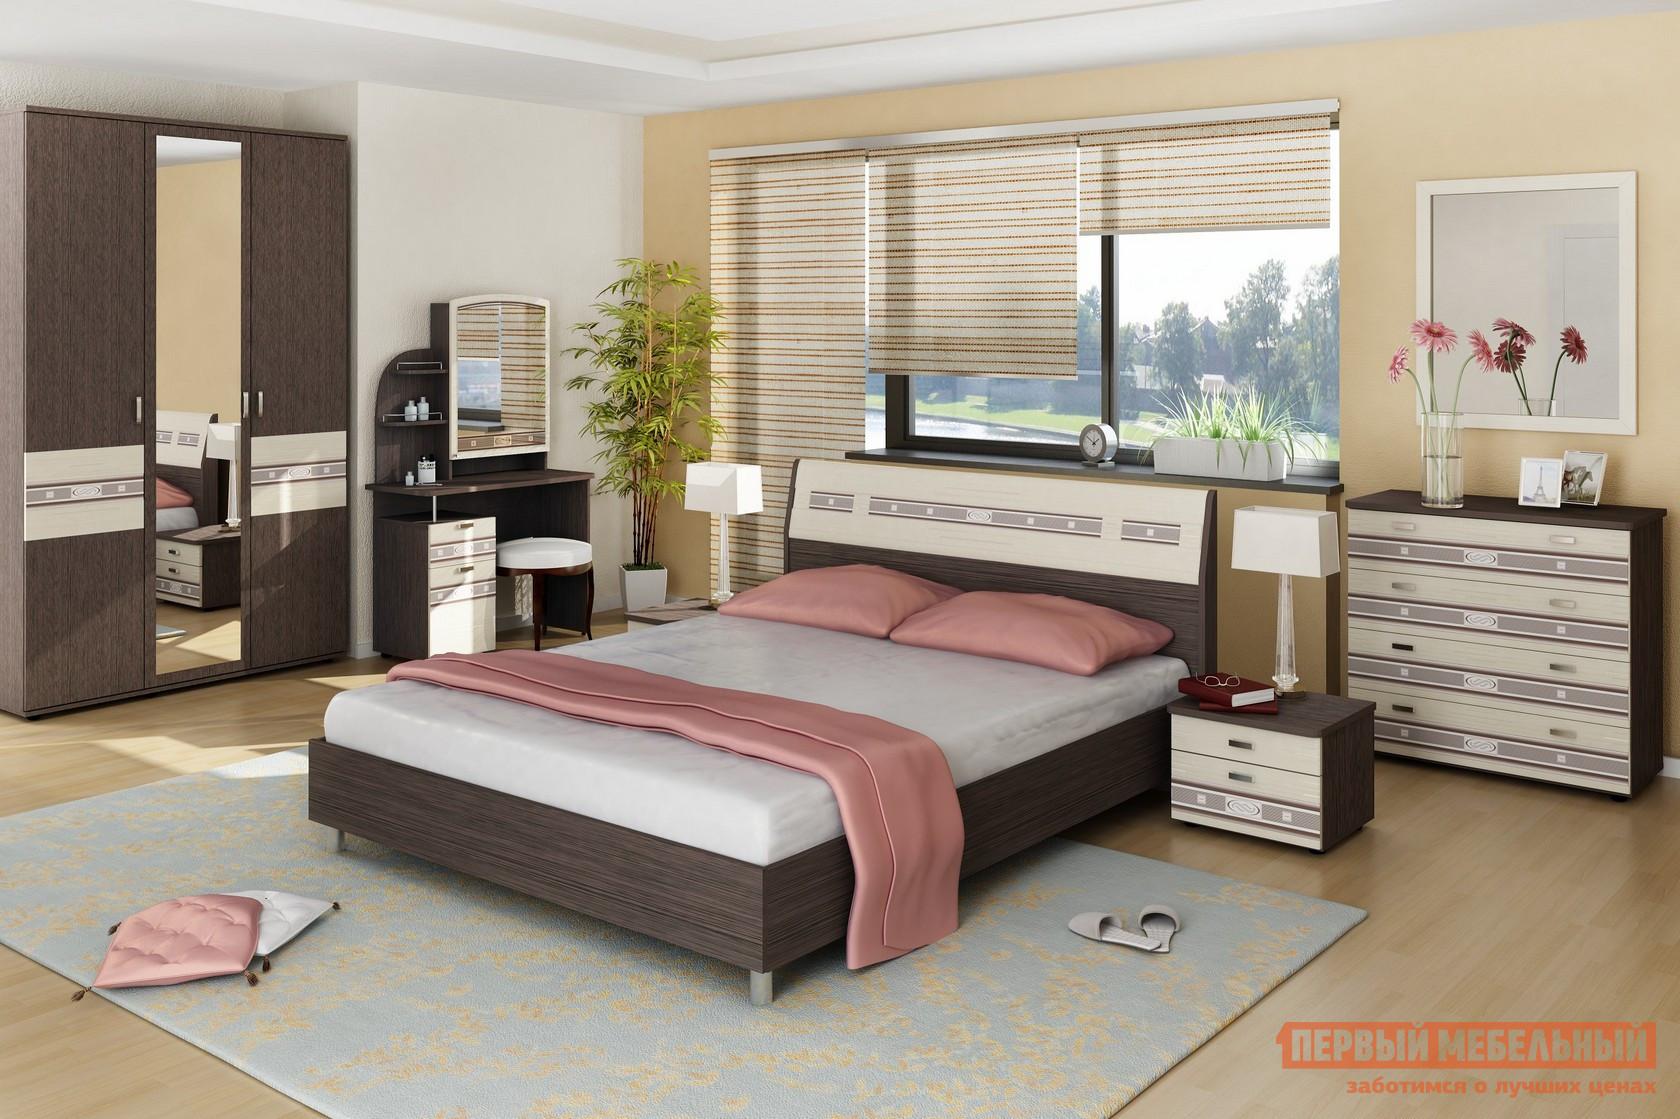 Комплект мебели для спальни Витра Ривьера К1 комплект детской мебели трия навигатор к1